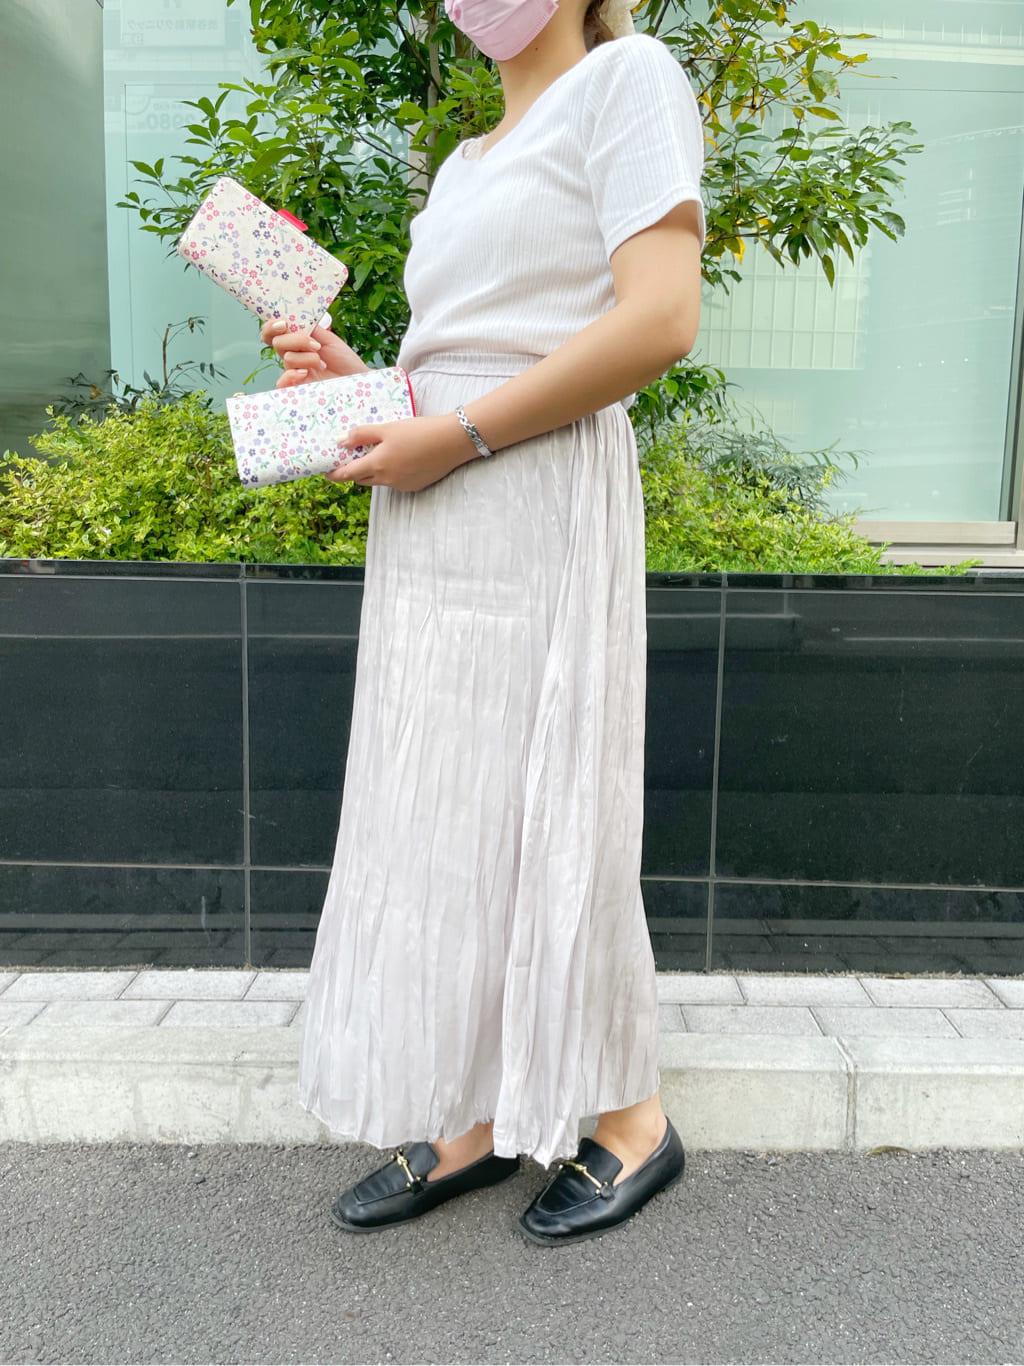 サマンサタバサプチチョイスプラス 渋谷ヒカリエShinQs店 Rei♡